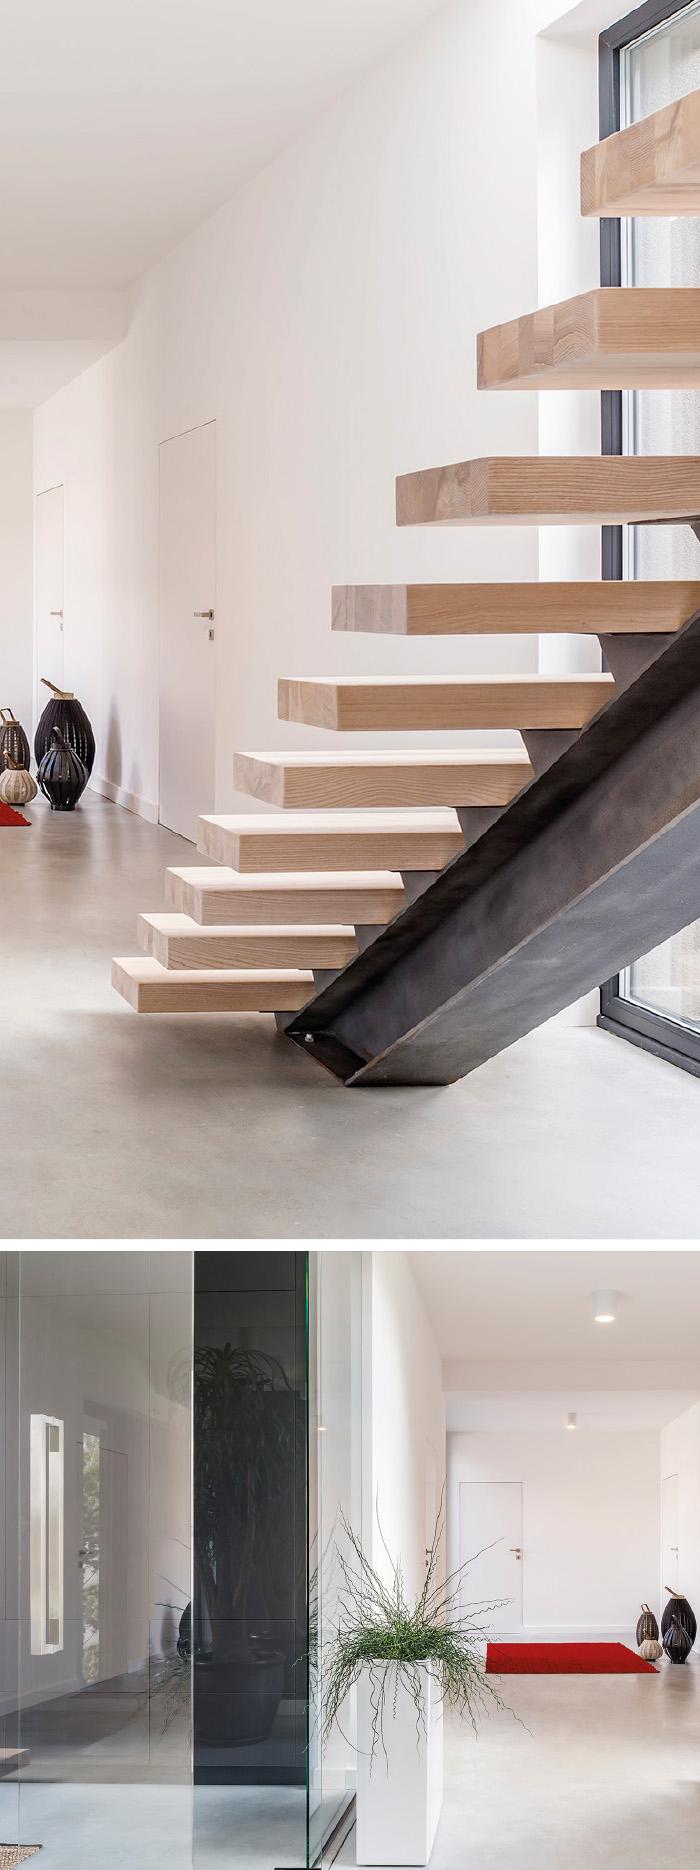 Immobilien-Bewertung Hitthaler Immobilien in Leibnitz